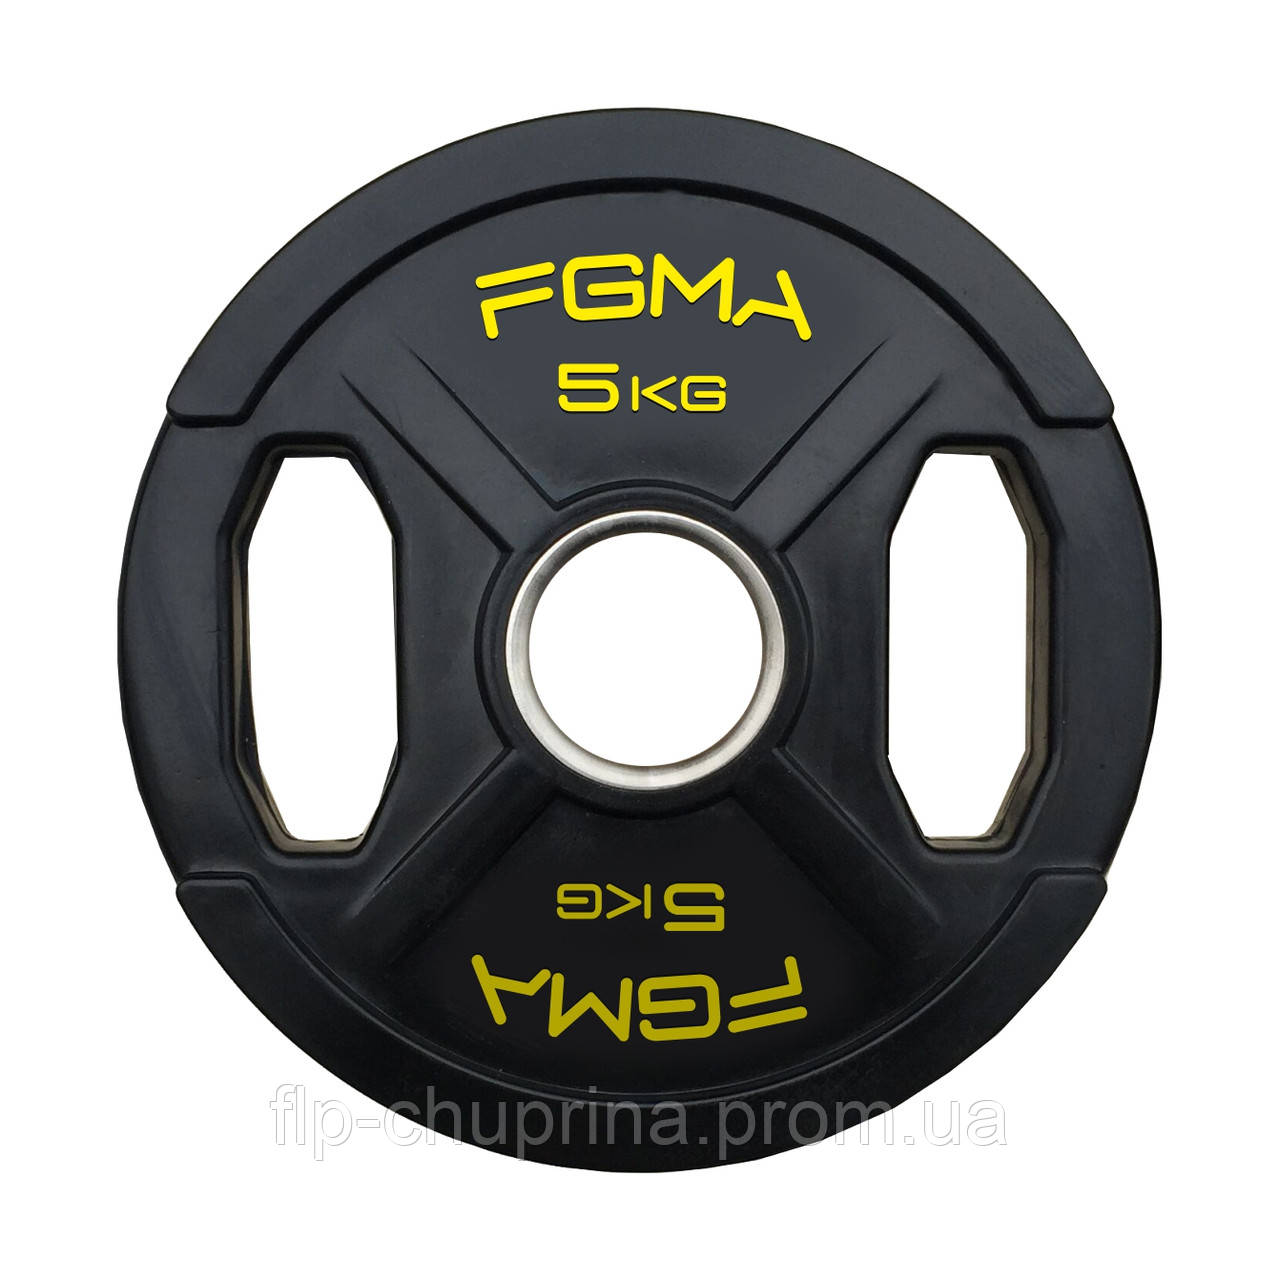 """Диск (блин) для штанги обрезиненный FGMA """"X"""" 5kg"""